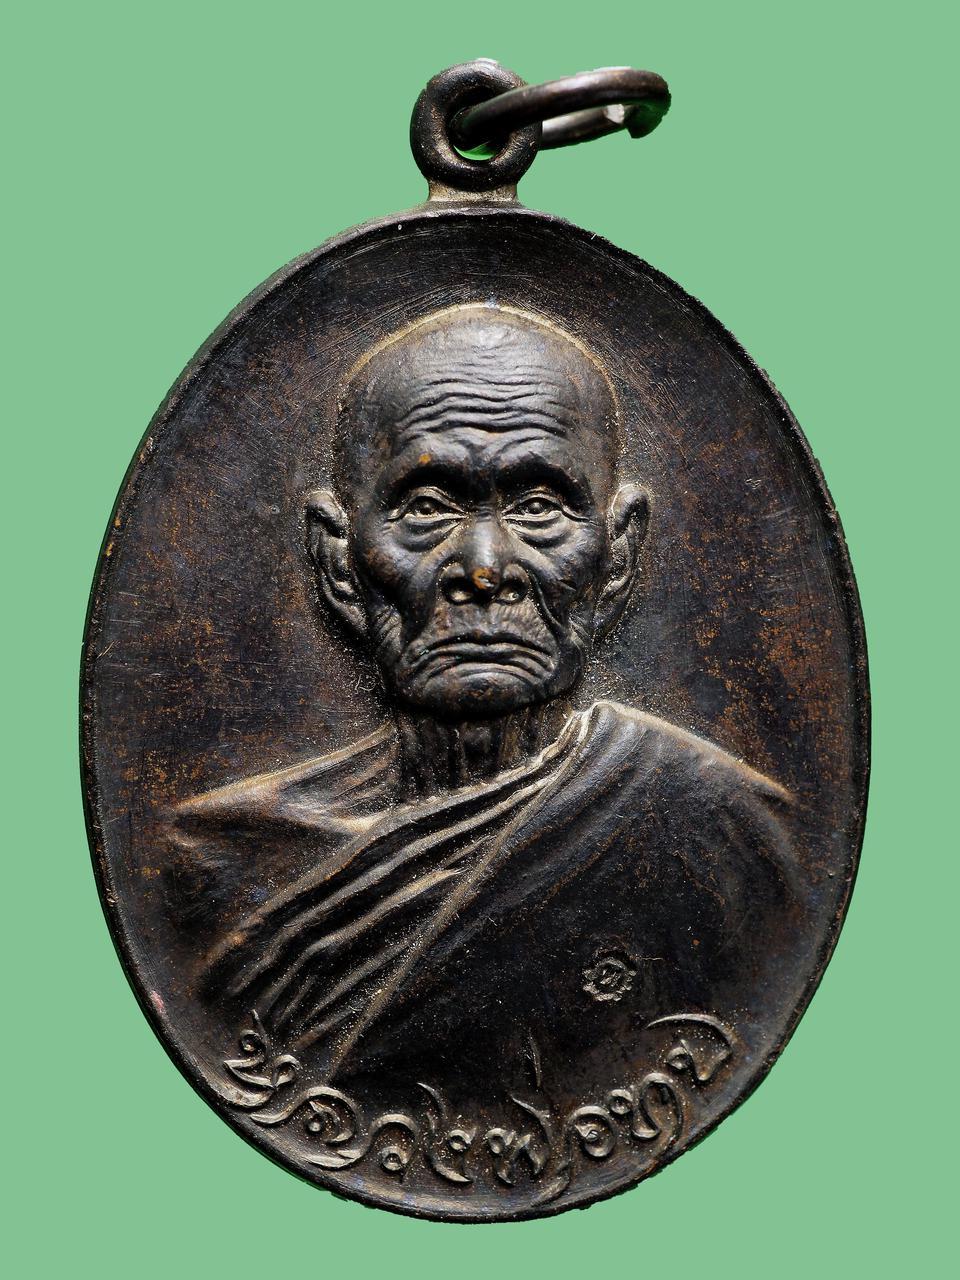 เหรียญหลวงพ่อทบ วัดชนแดน ปี 2518  สวยเดิม รูปที่ 1